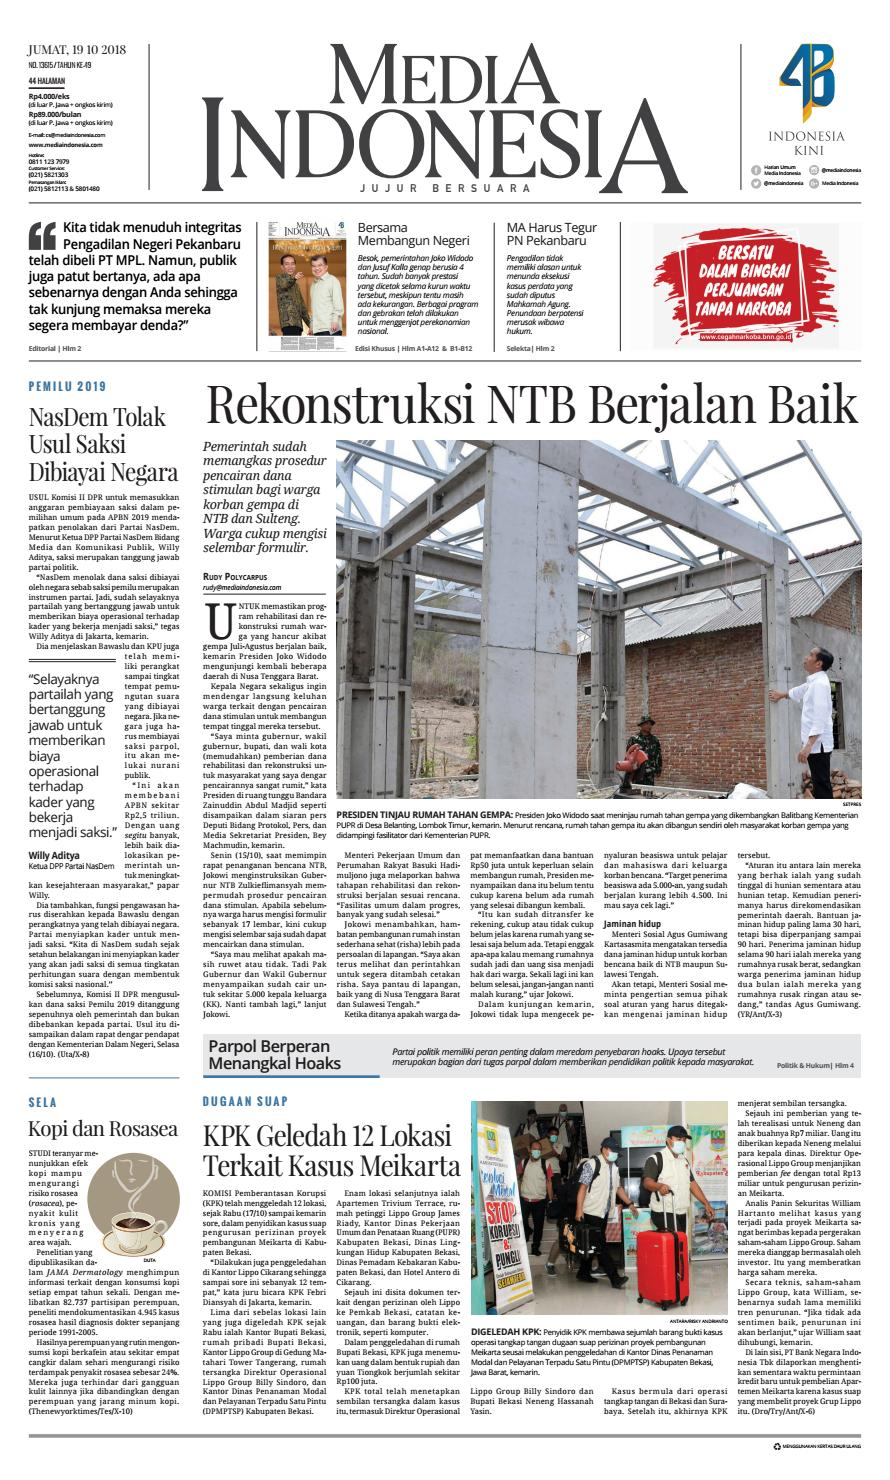 Media Indonesia 19 Oktober 2018 By Mediaindonesia Issuu